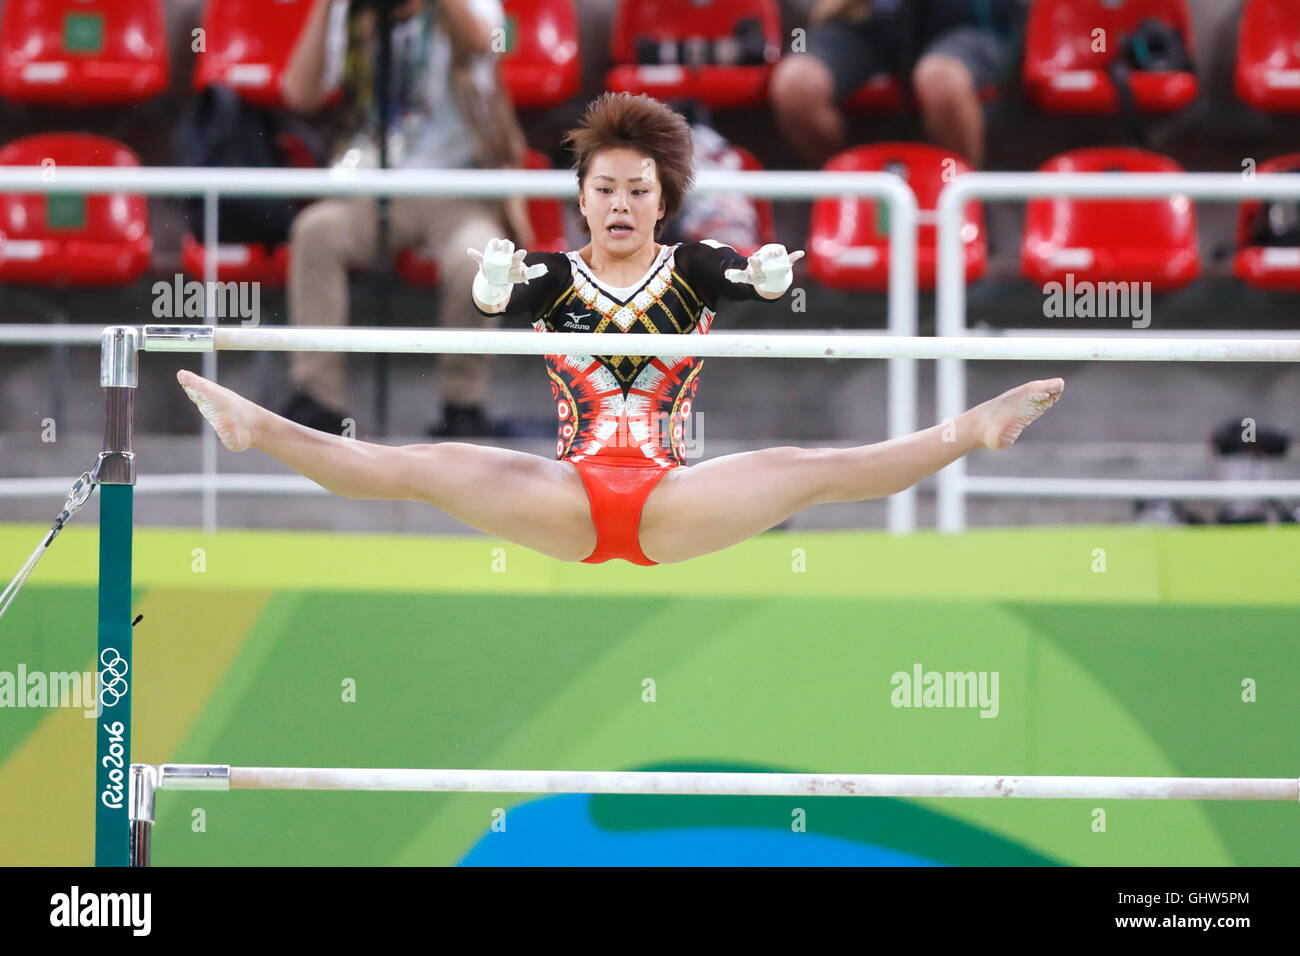 Rio de Janeiro, Brasile. 11 Ago, 2016. Ami Murakami (JPN) ginnastica artistica : Donne Individuale tutto attorno Immagini Stock